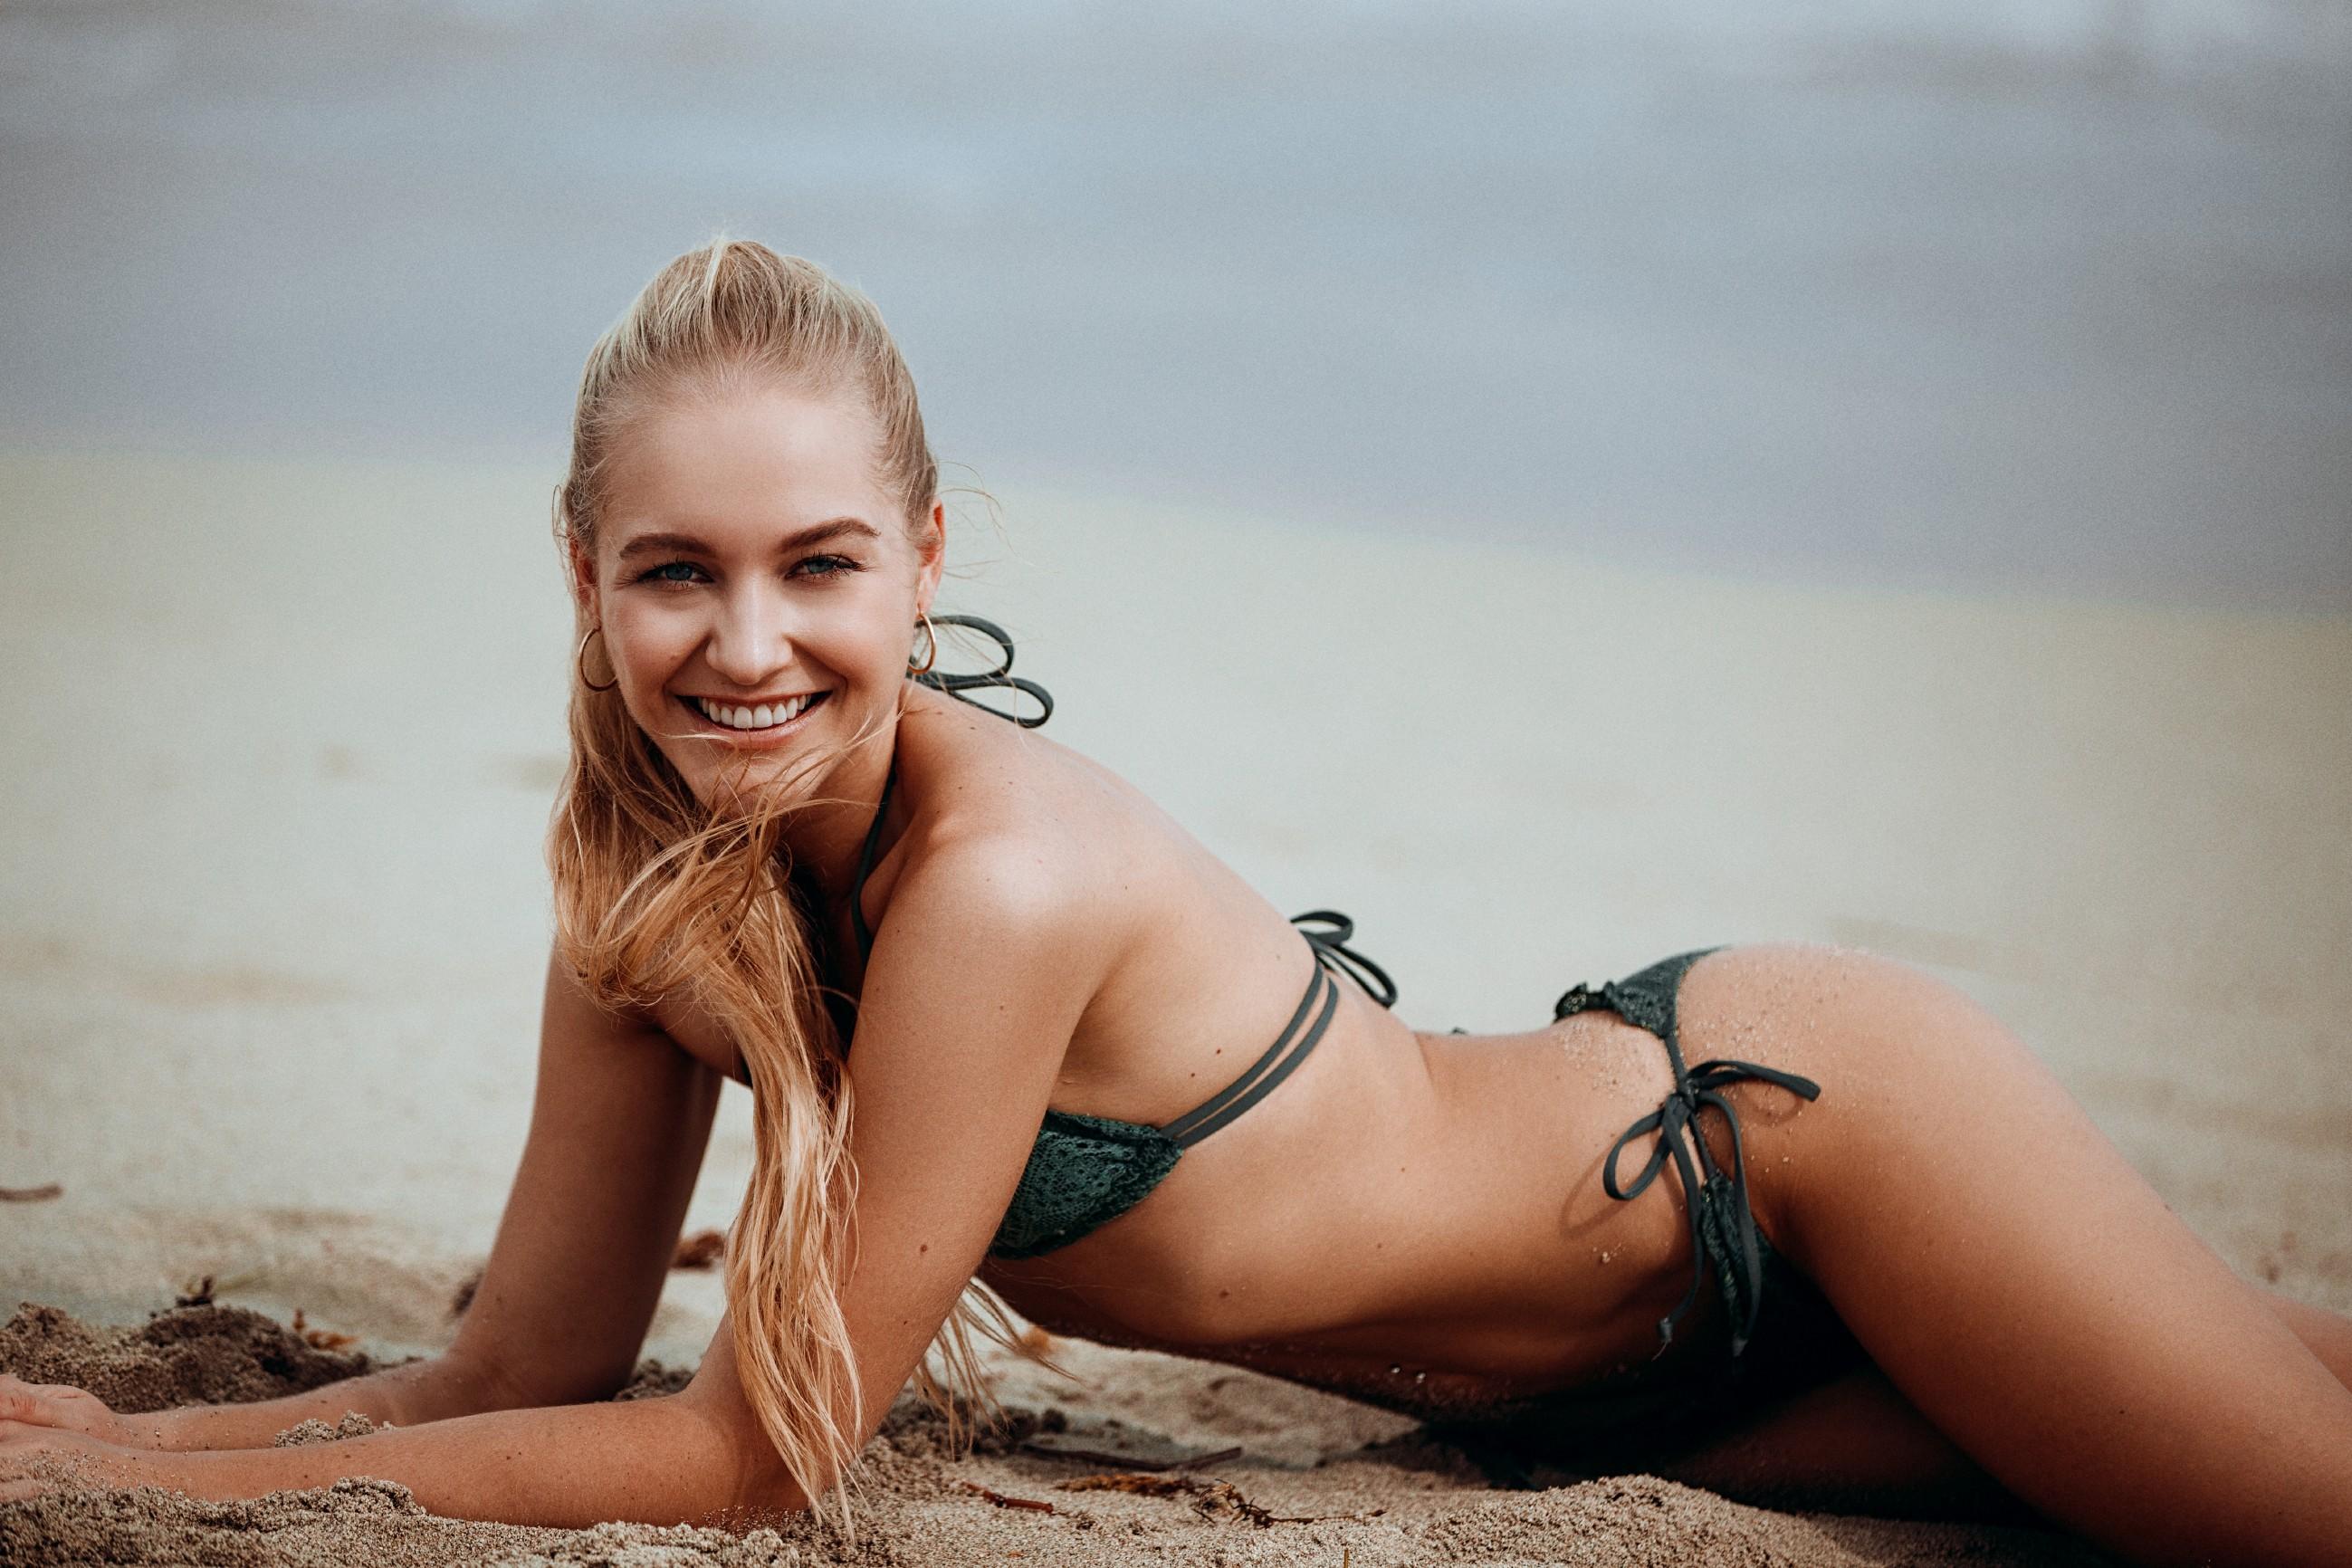 Svenja Playboy Bachelor